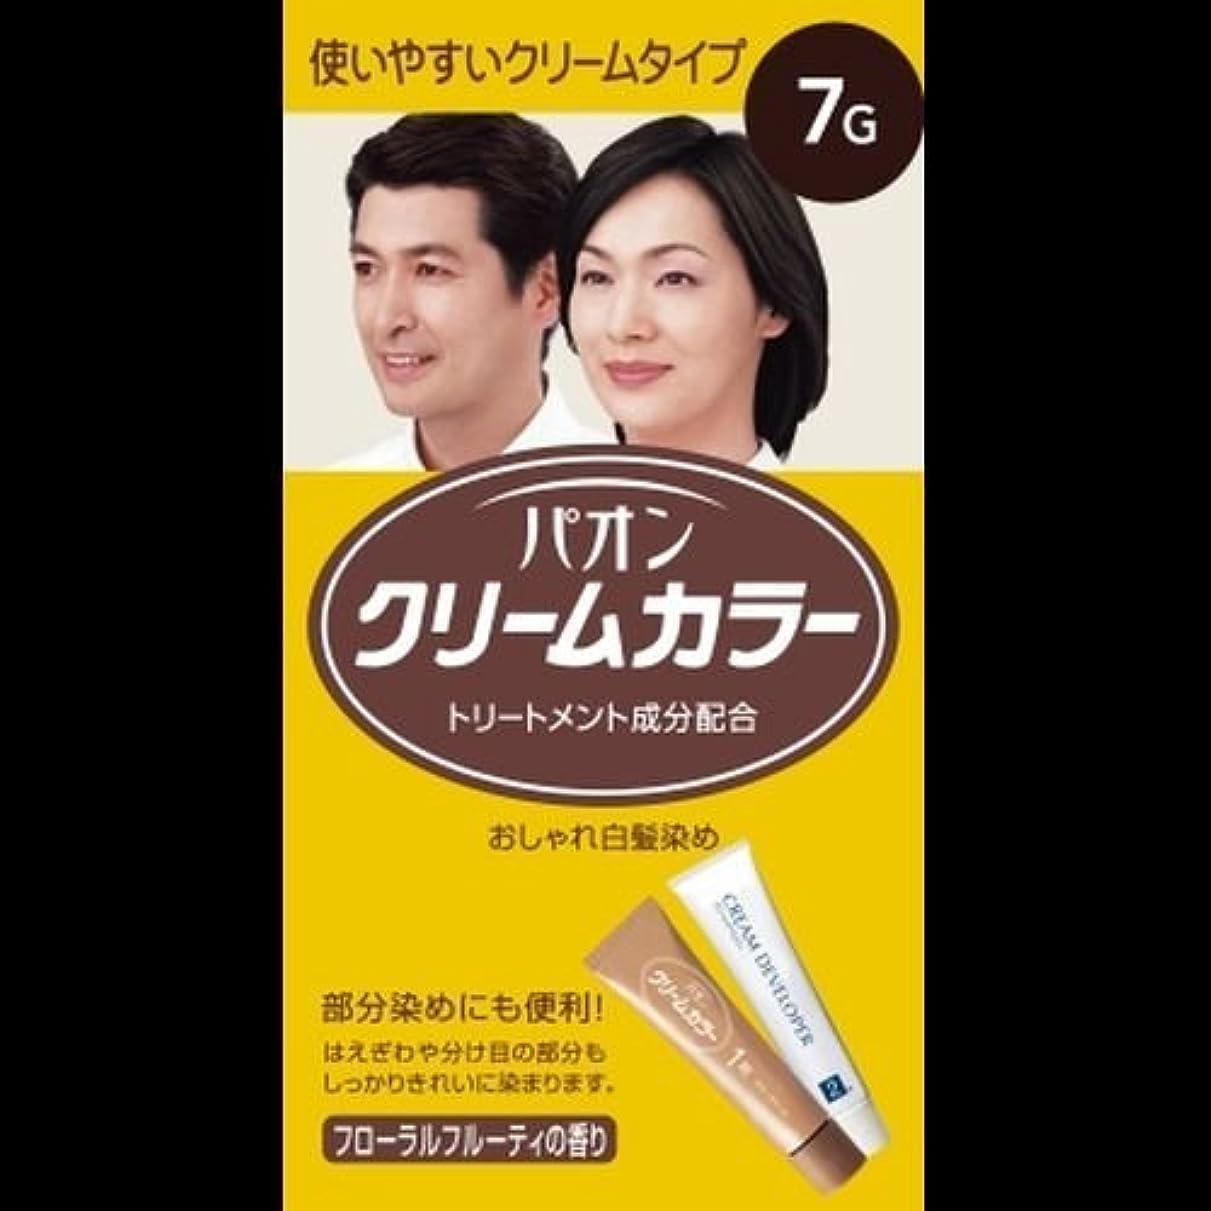 従順ブランド名ブランデーパオン クリームカラー7-G 自然な黒褐色 ×2セット